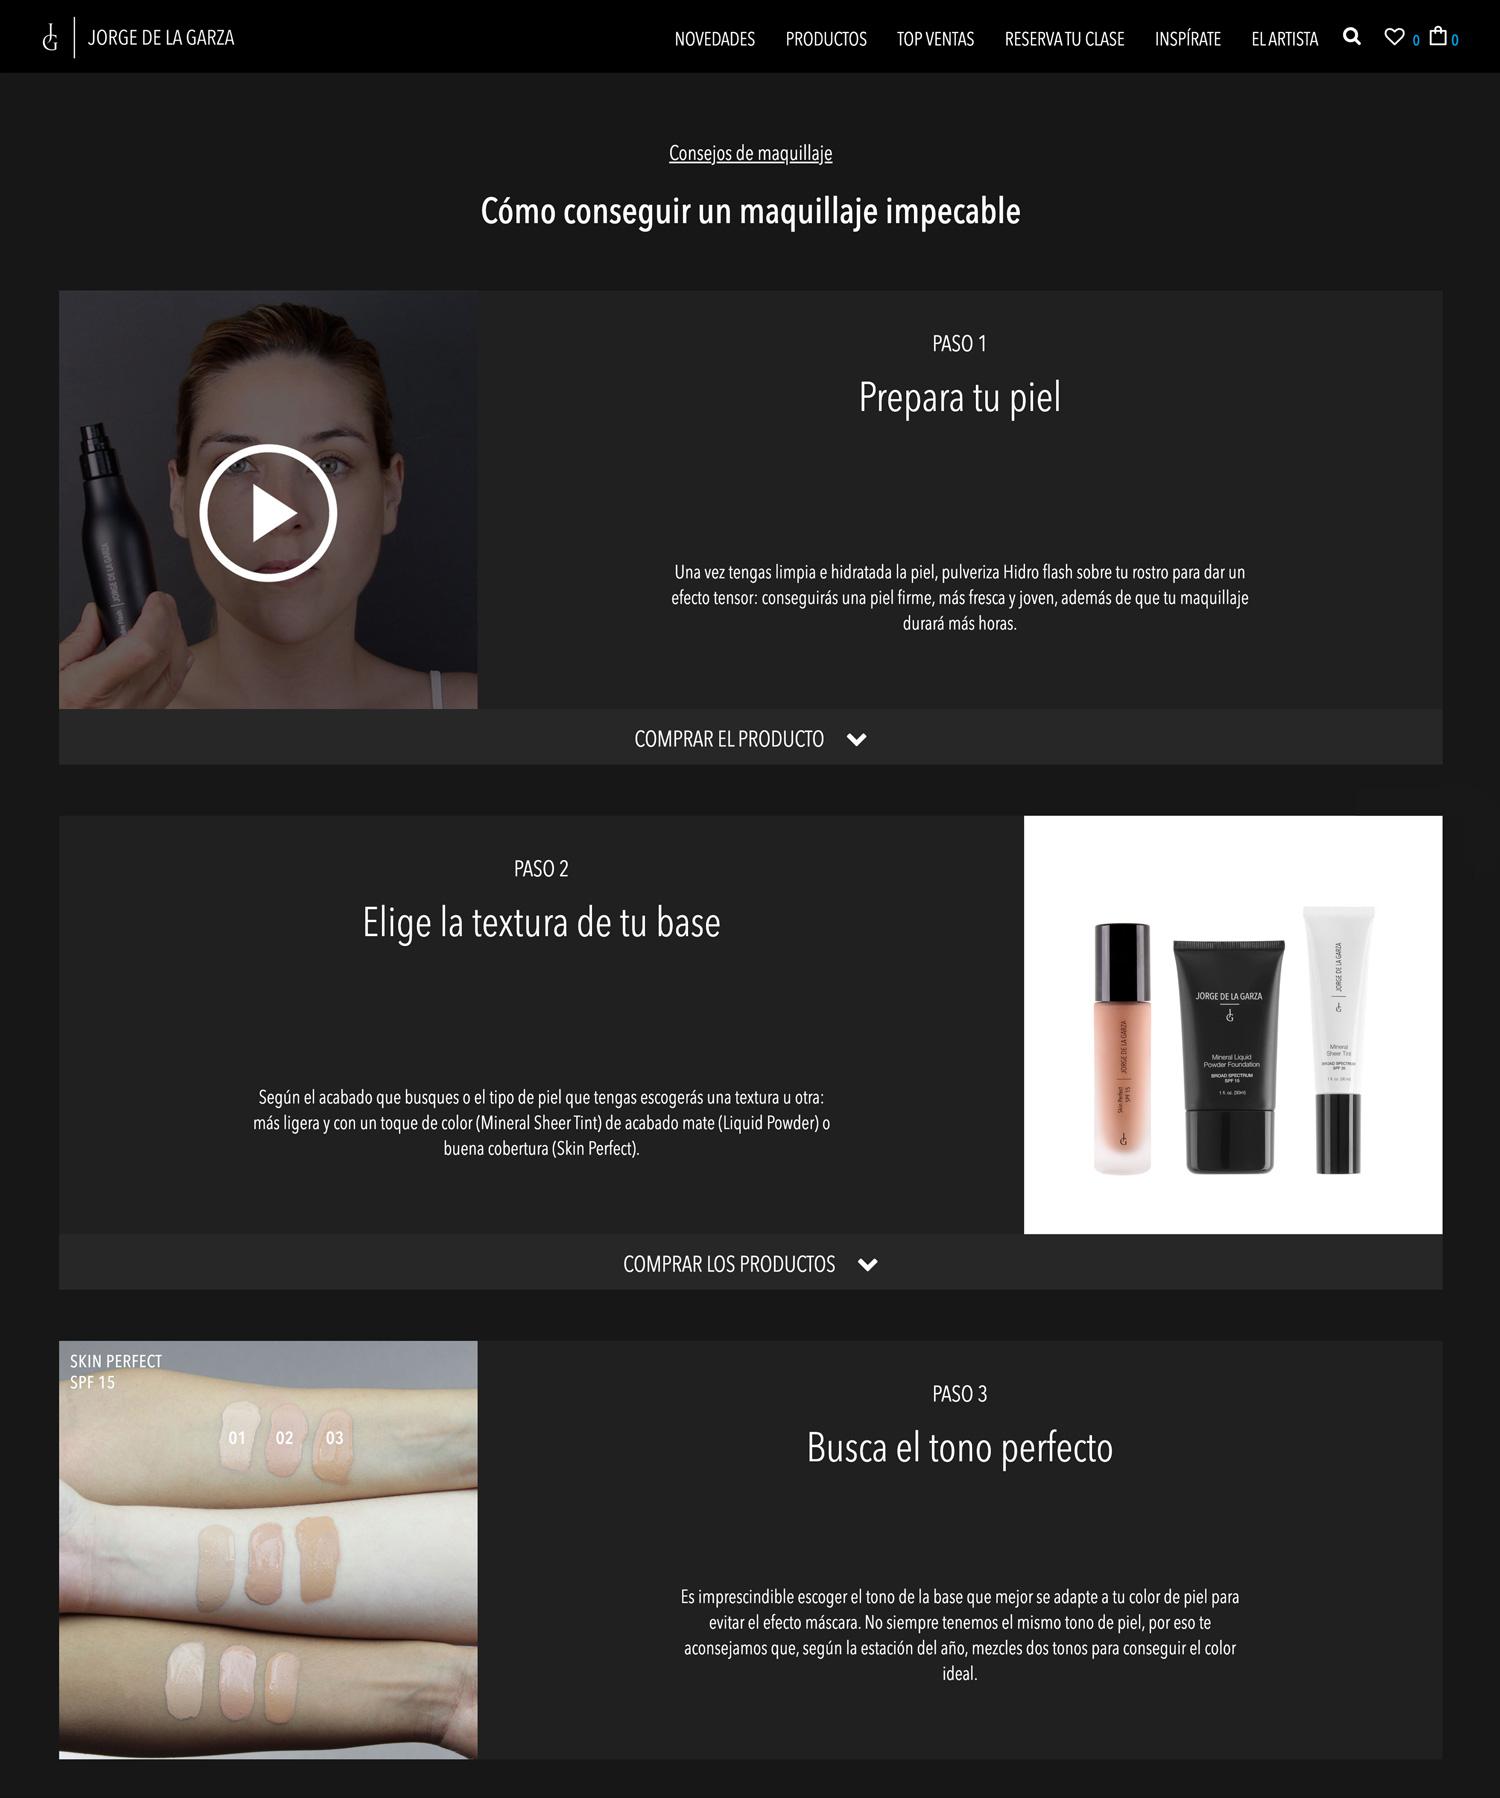 Diseño web Jorge de la Garza Tutoriales